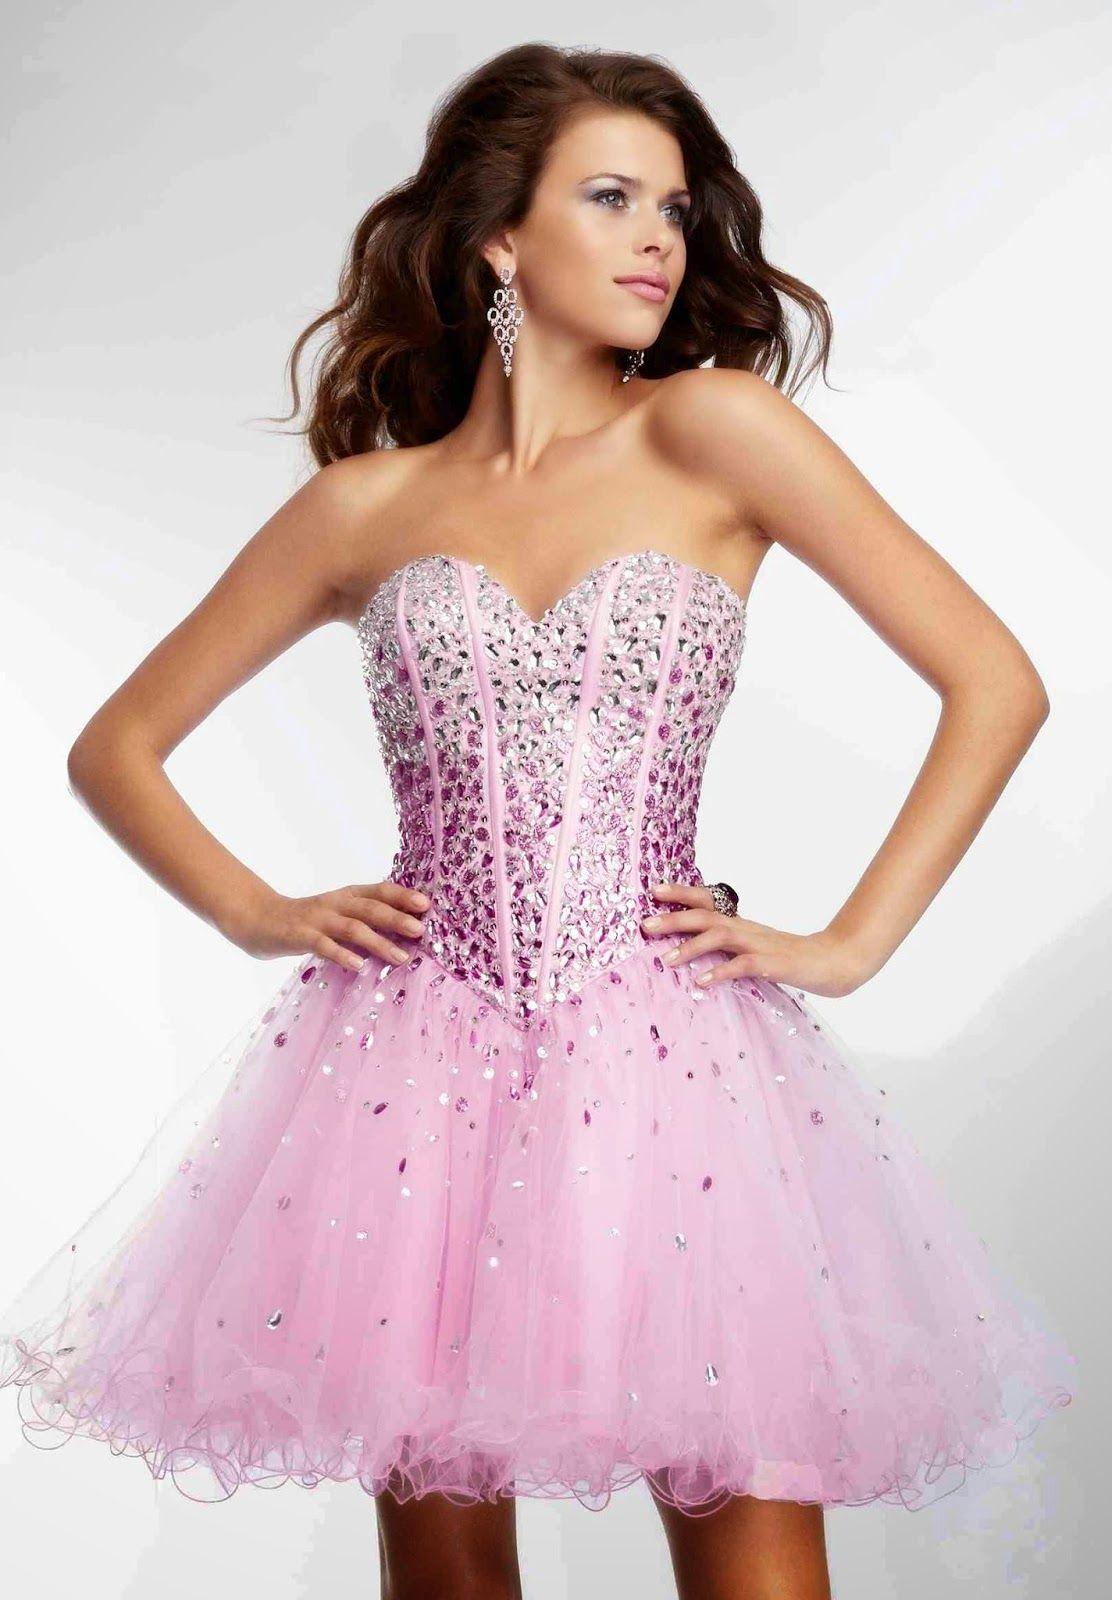 Hermosos vestidos cortos de fiesta | Colección 2014 | vestidos ...